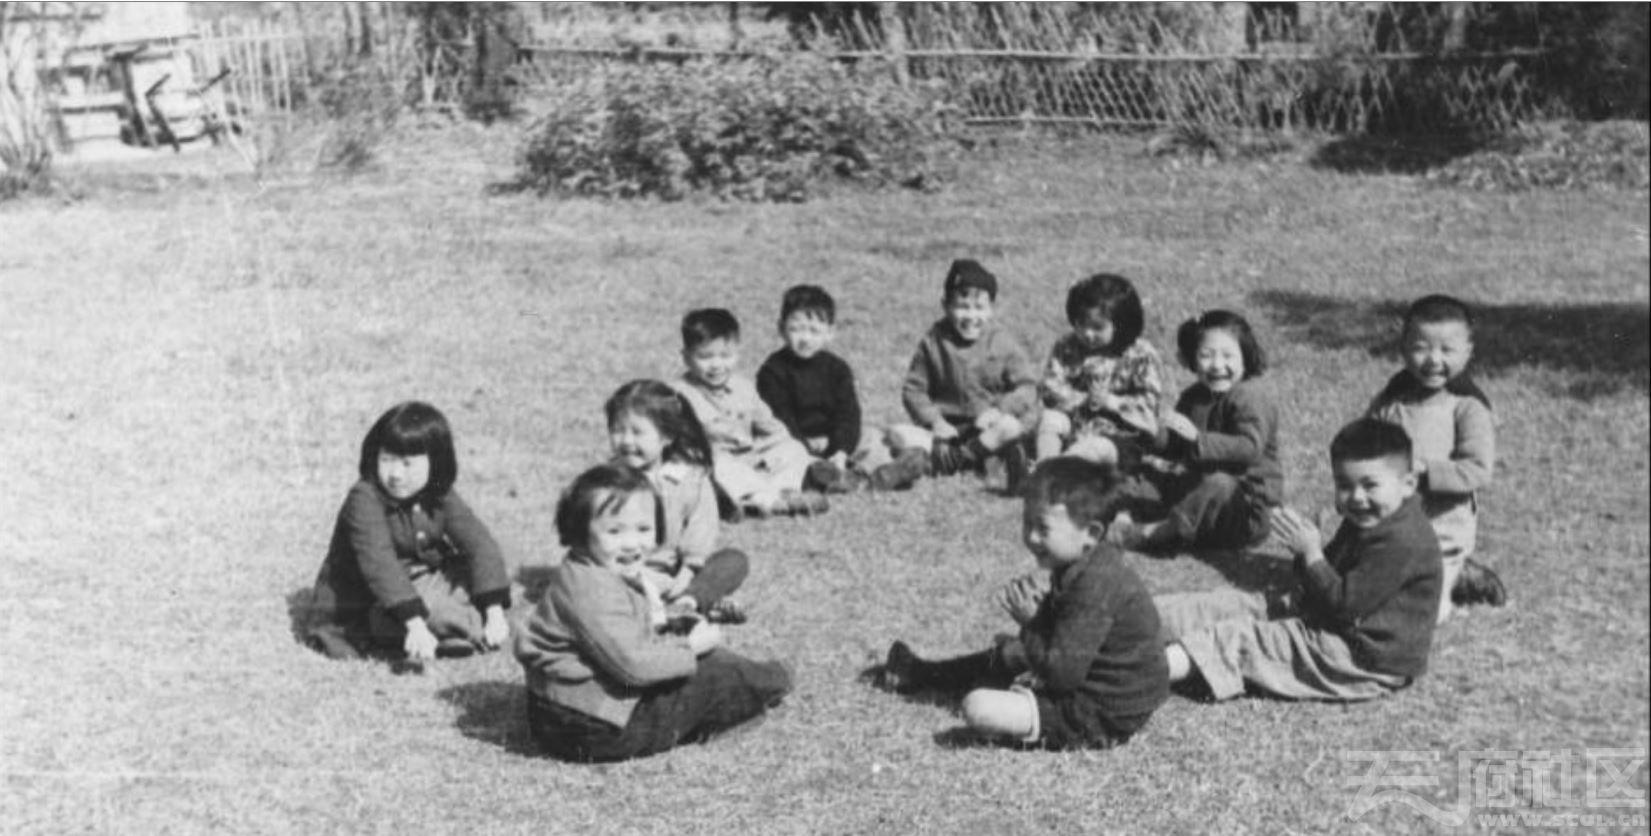 45 华西大学校园 幼儿园的儿童在做游戏 ca.1945.JPG